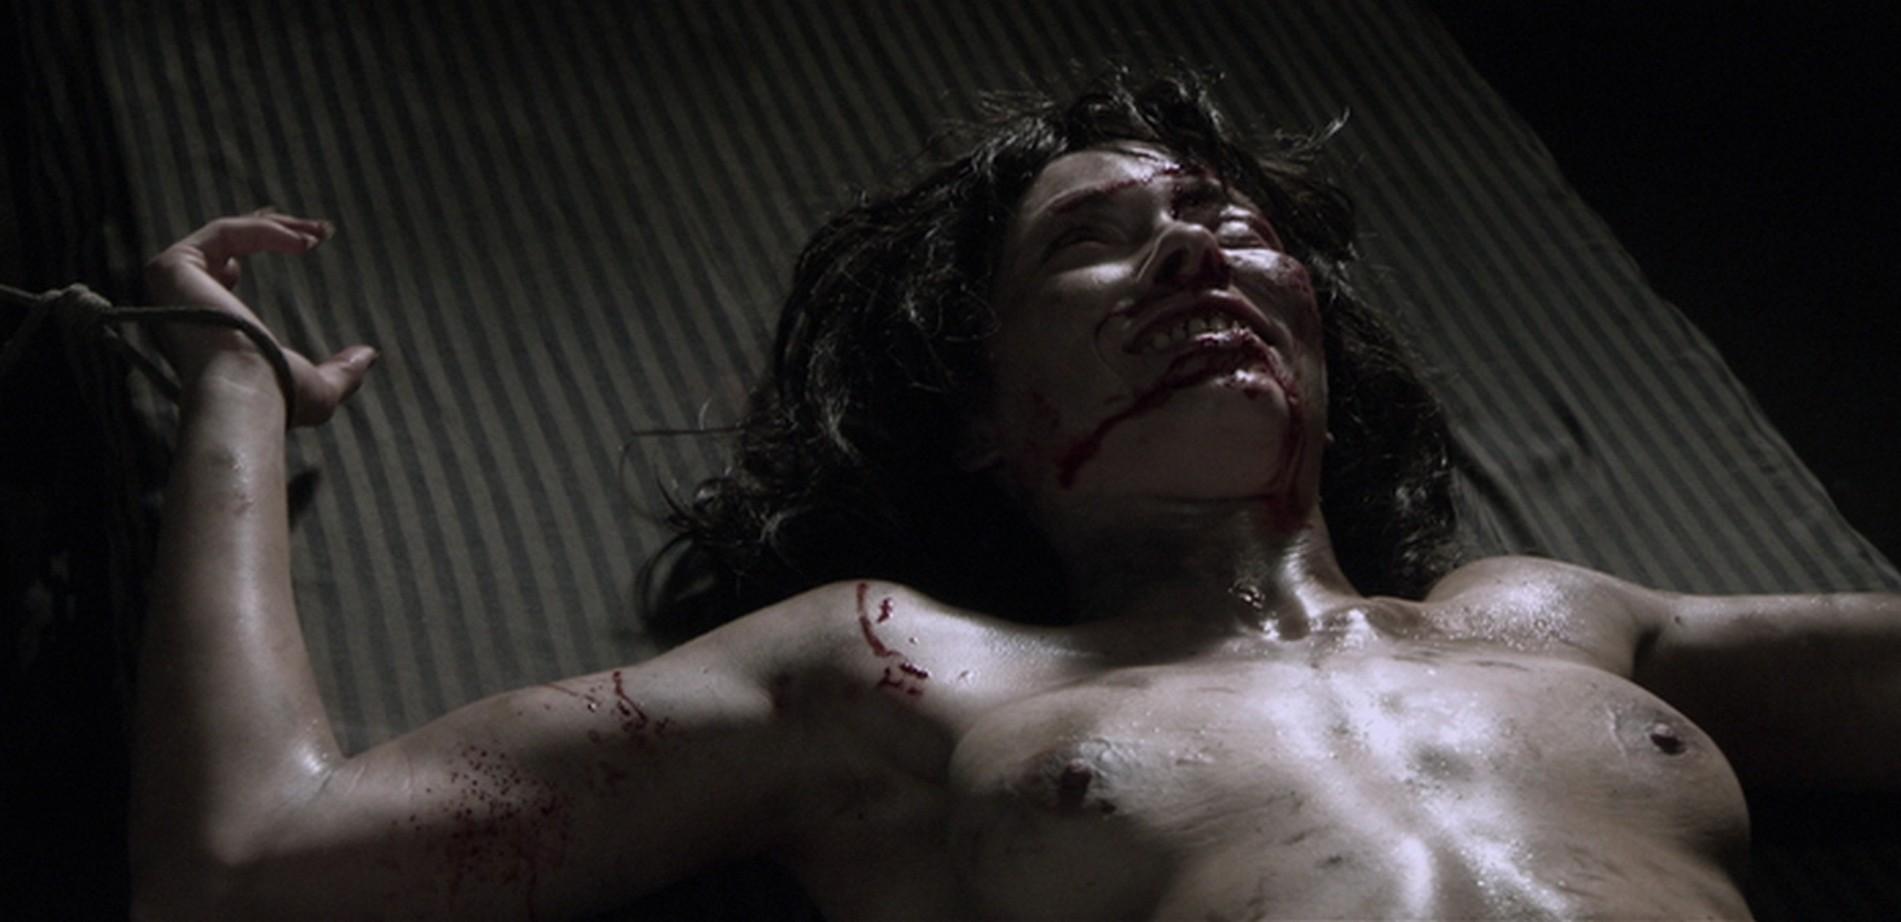 время жил фильмы ужасов с сексом сложно это, трудно